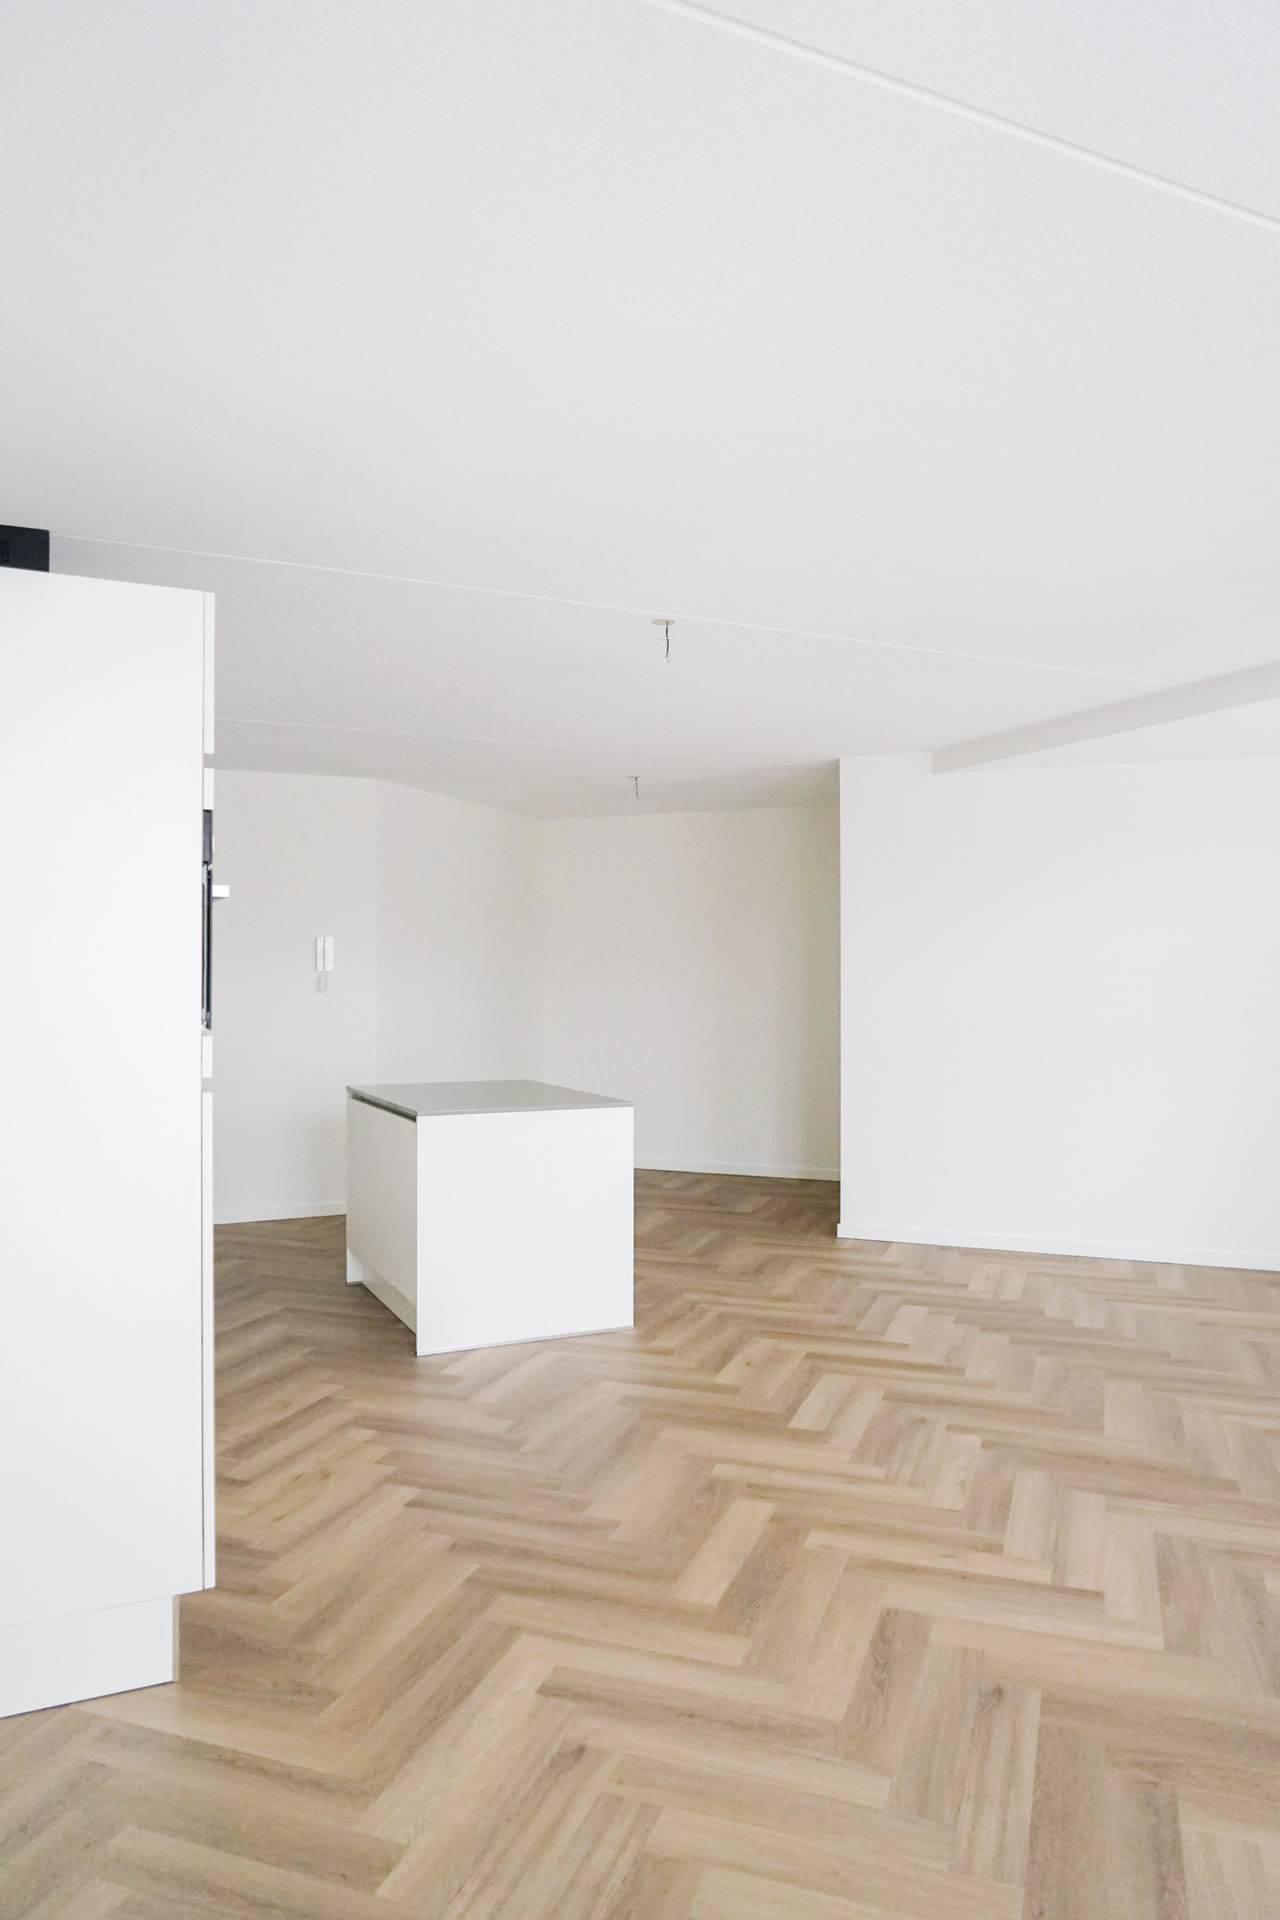 Verouden Bouwbedrijf - 6 luxe nieuwbouw appartementen - 56 - DSC05255